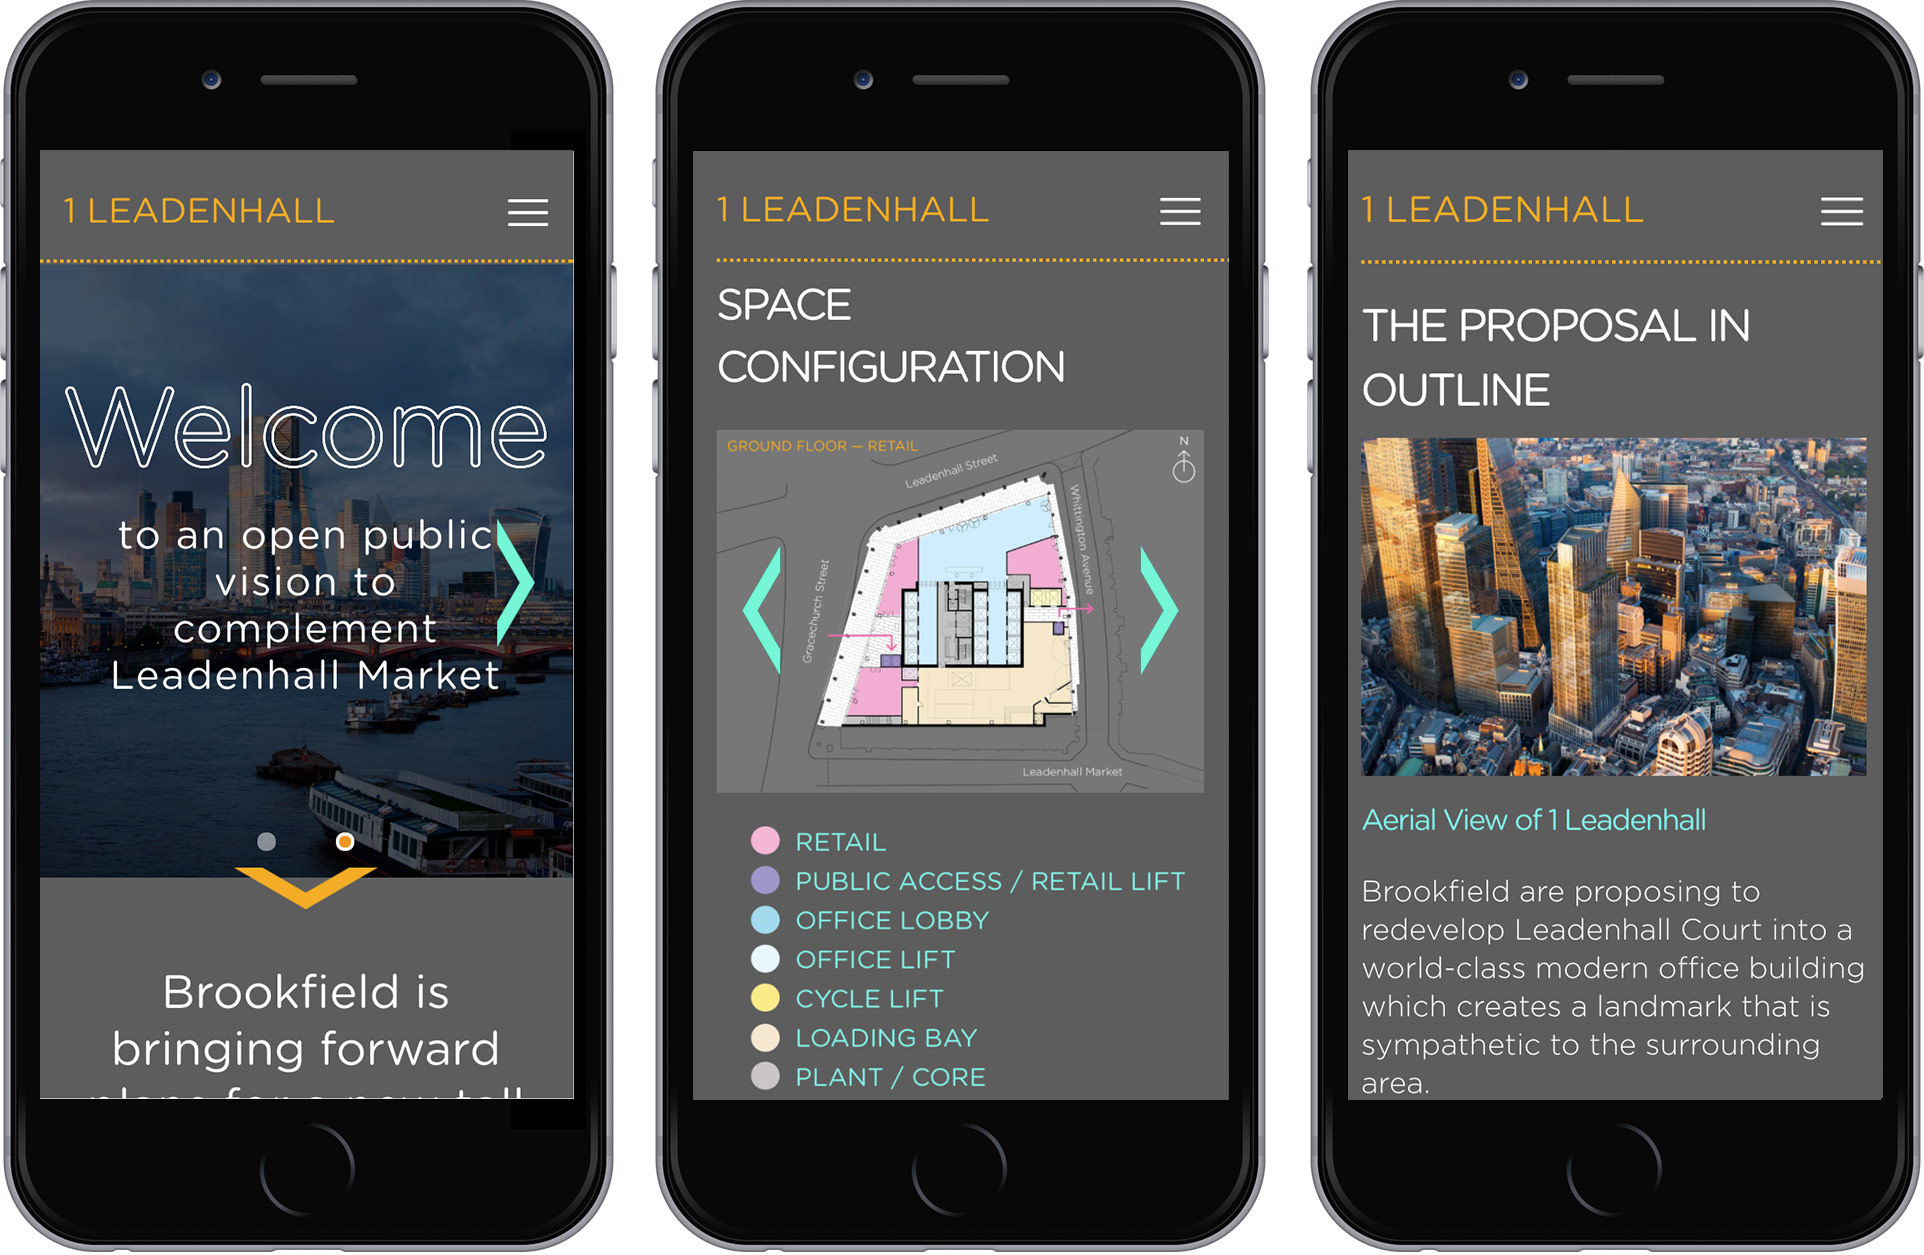 1leadenhall-mobile